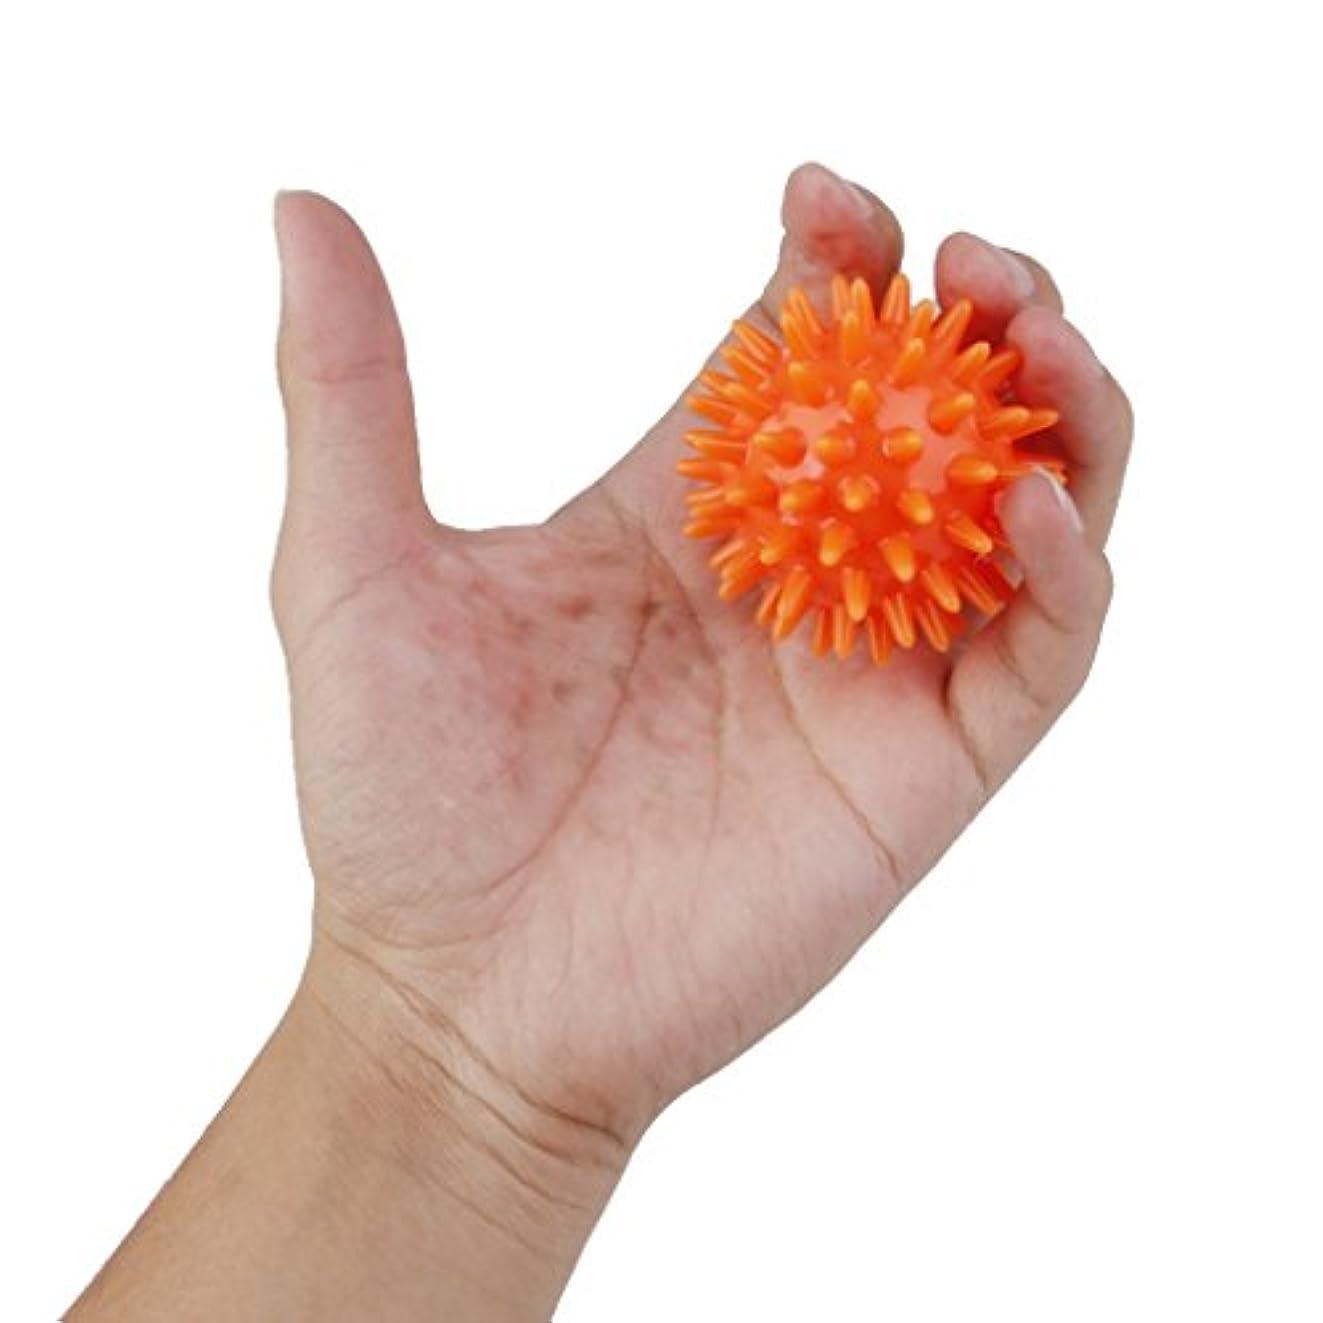 幾分第五ブルジョンマッサージボール 手のひら 足 腕 首 背中 足首 ダーク フック側 マッサージ 疲れ 緩和 オレンジ